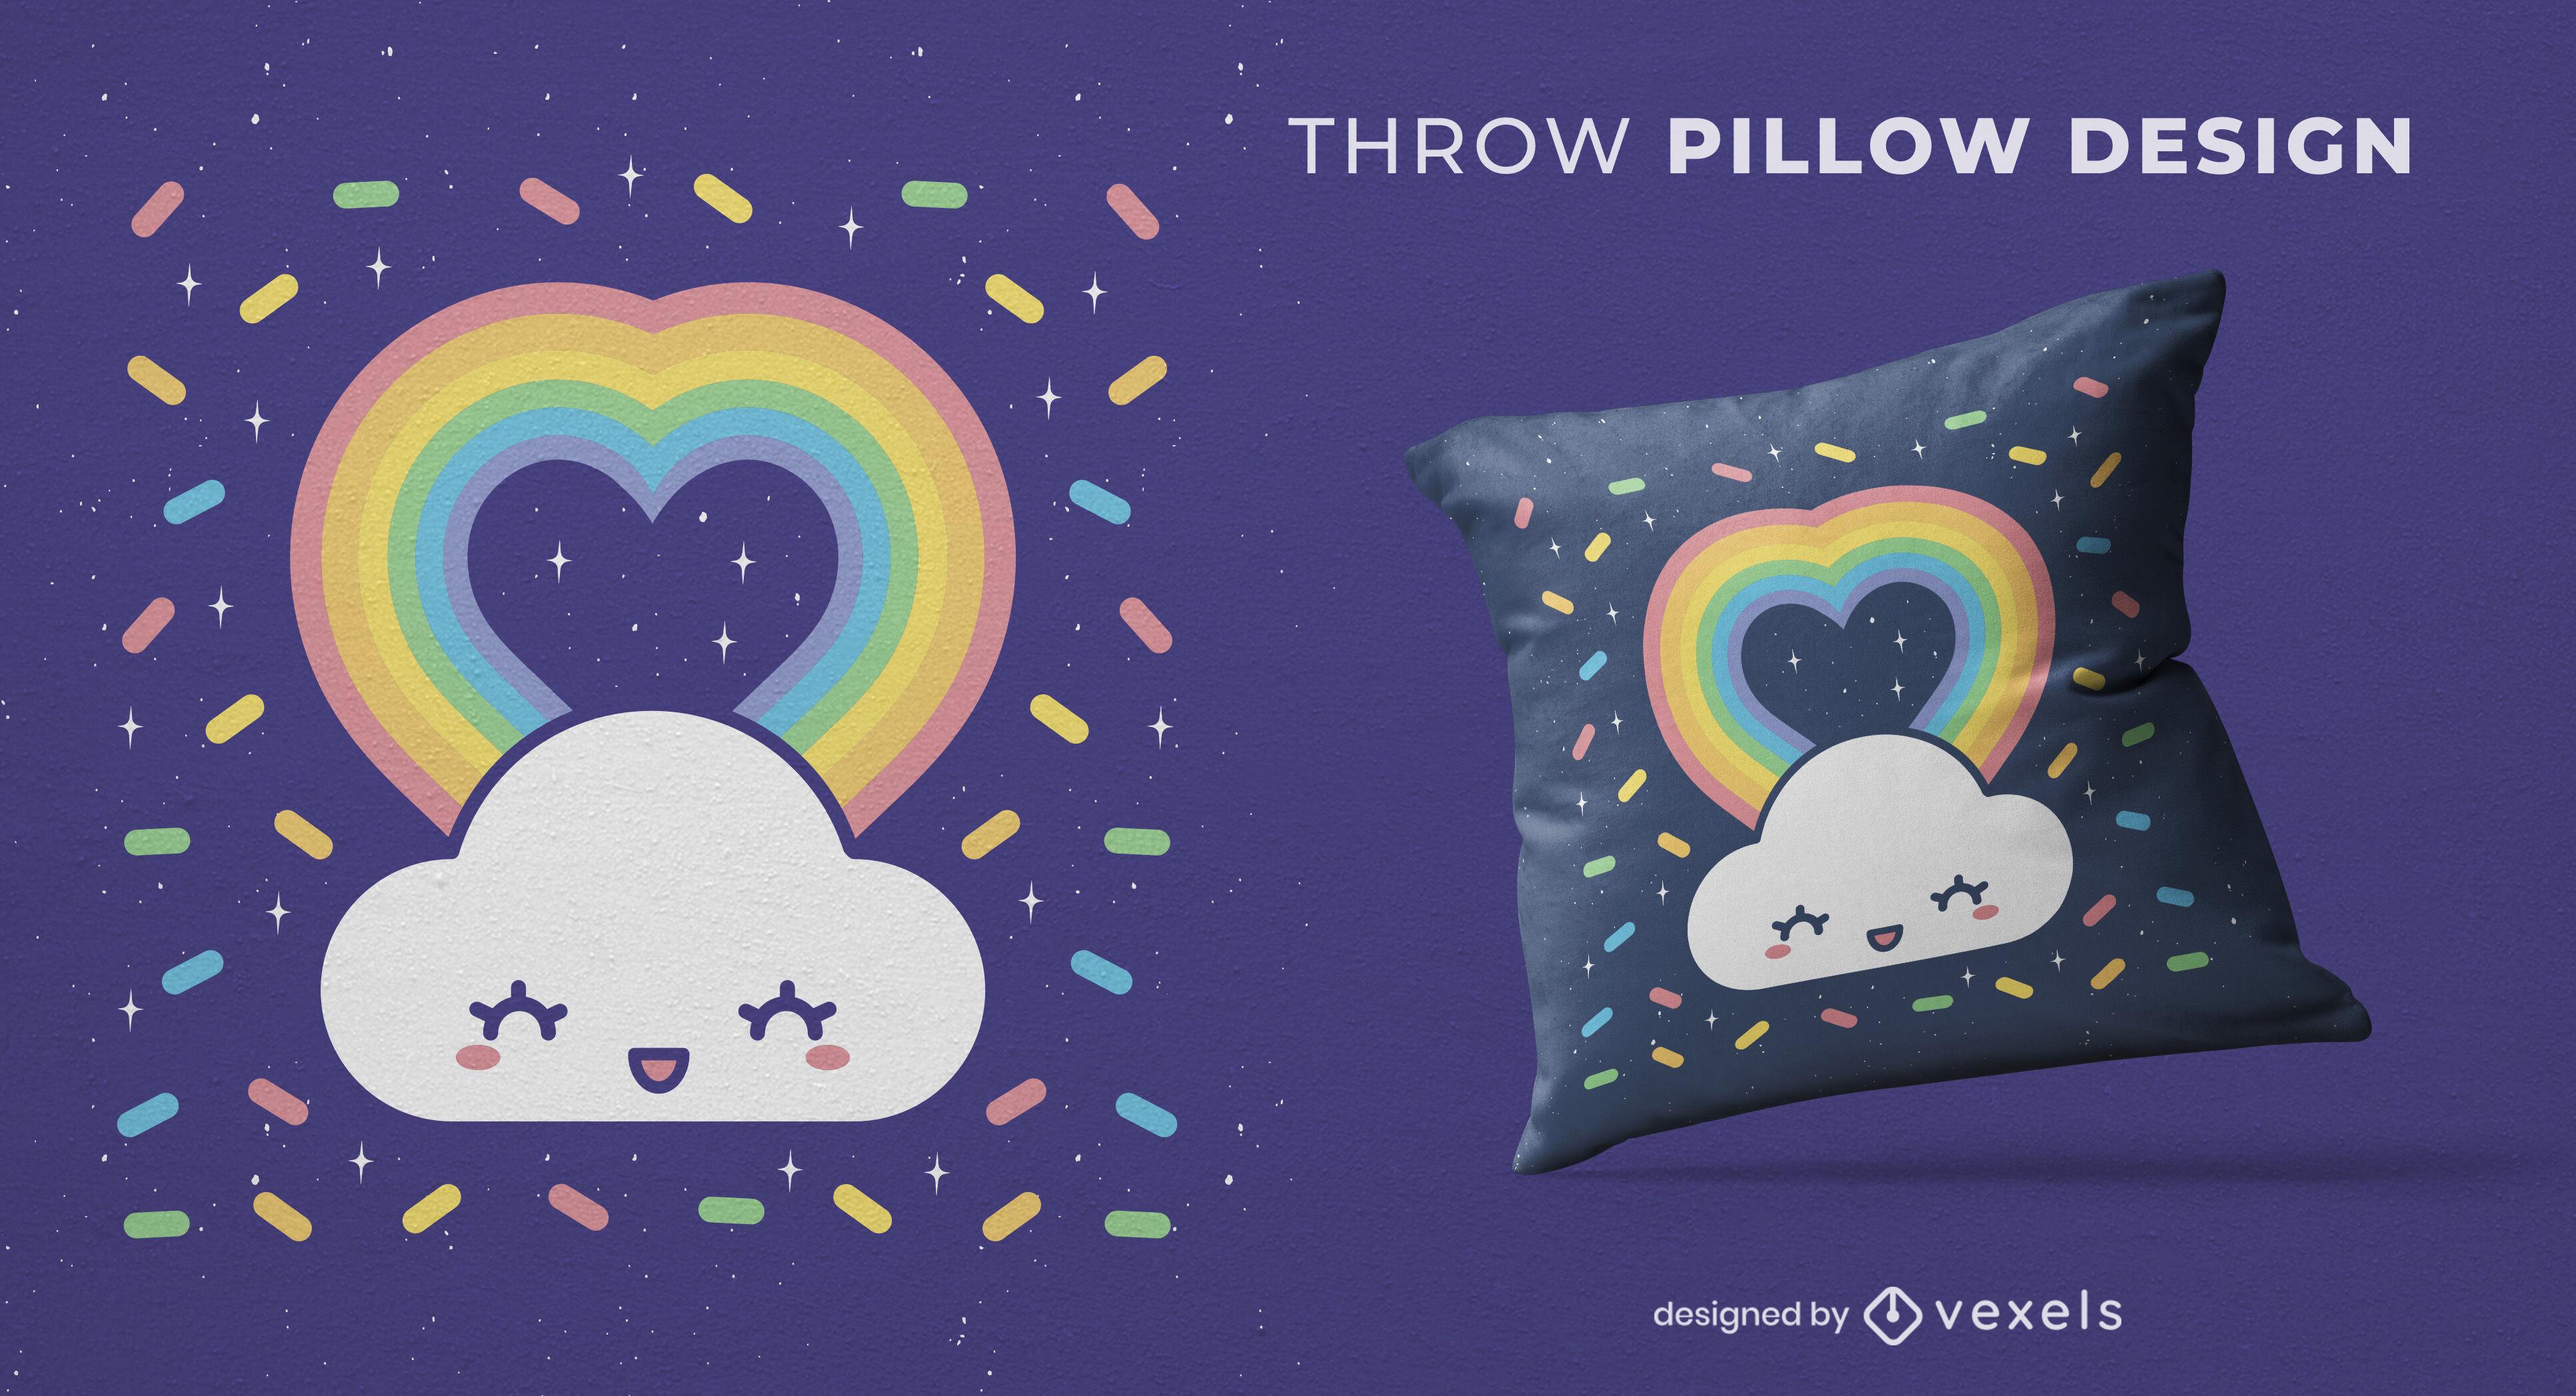 Diseño feliz de la almohada del tiro del corazón del arco iris de la nube